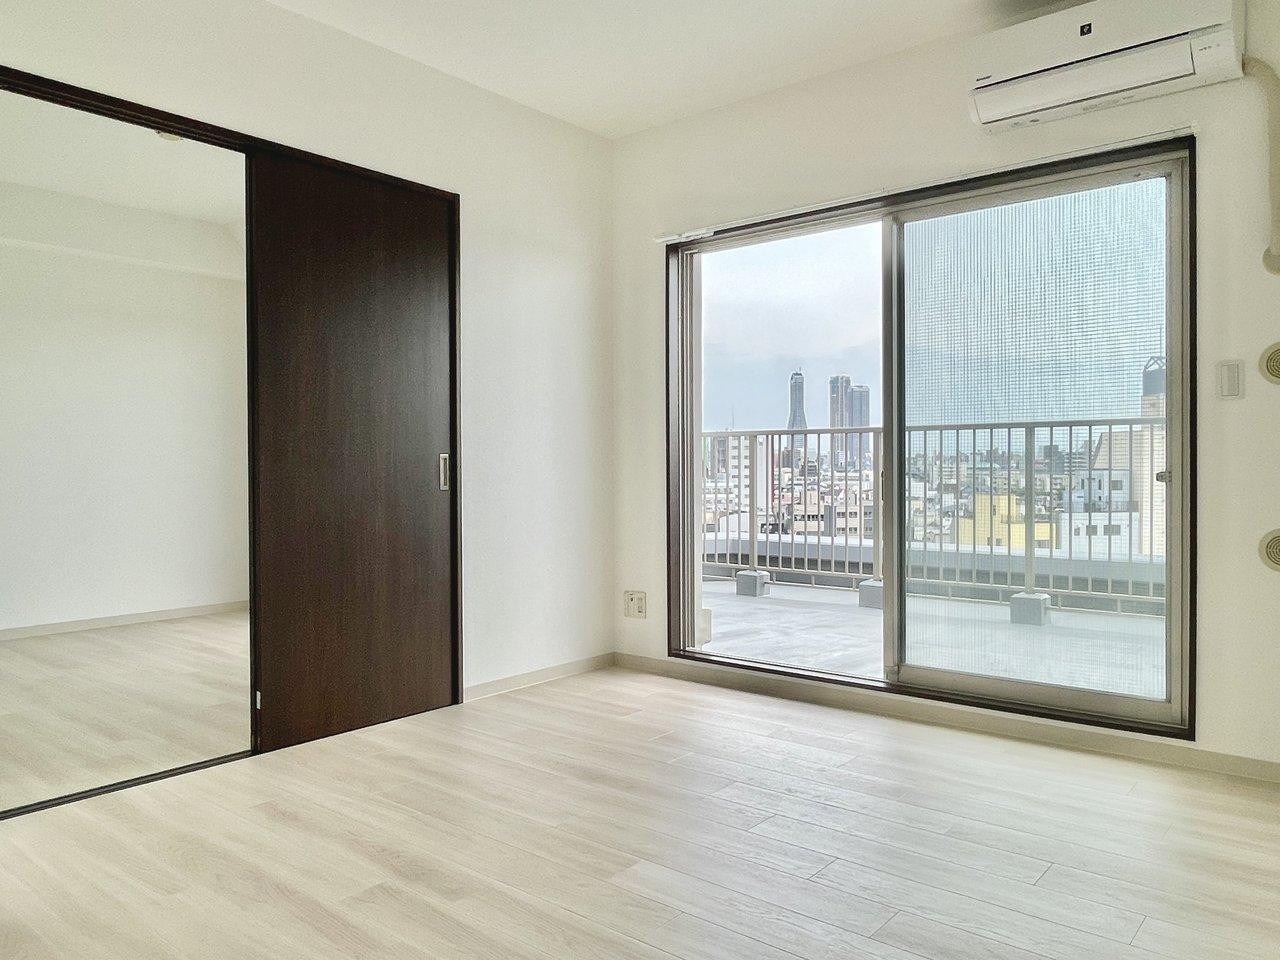 お部屋は9畳+5畳の1LDK。リビングがすこしコンパクトな分、ルーフバルコニーで過ごす時間が増えそう。